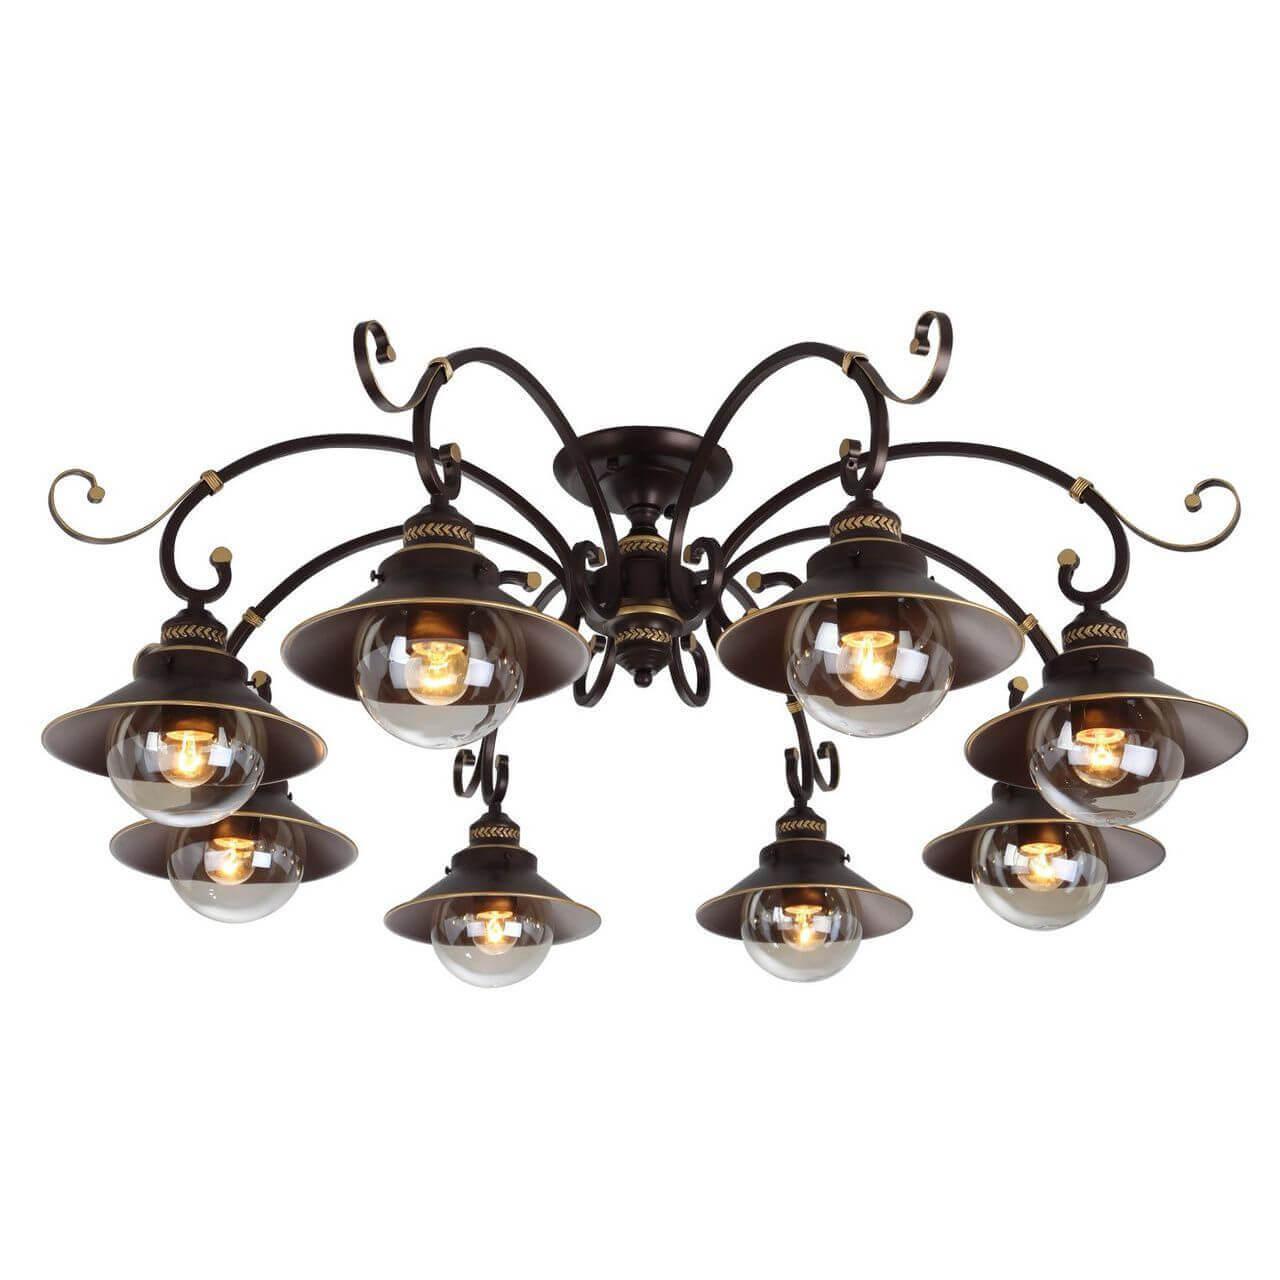 Люстра Arte Lamp A4577PL-8CK 7 Brown потолочная люстра arte lamp a4577pl 8ck